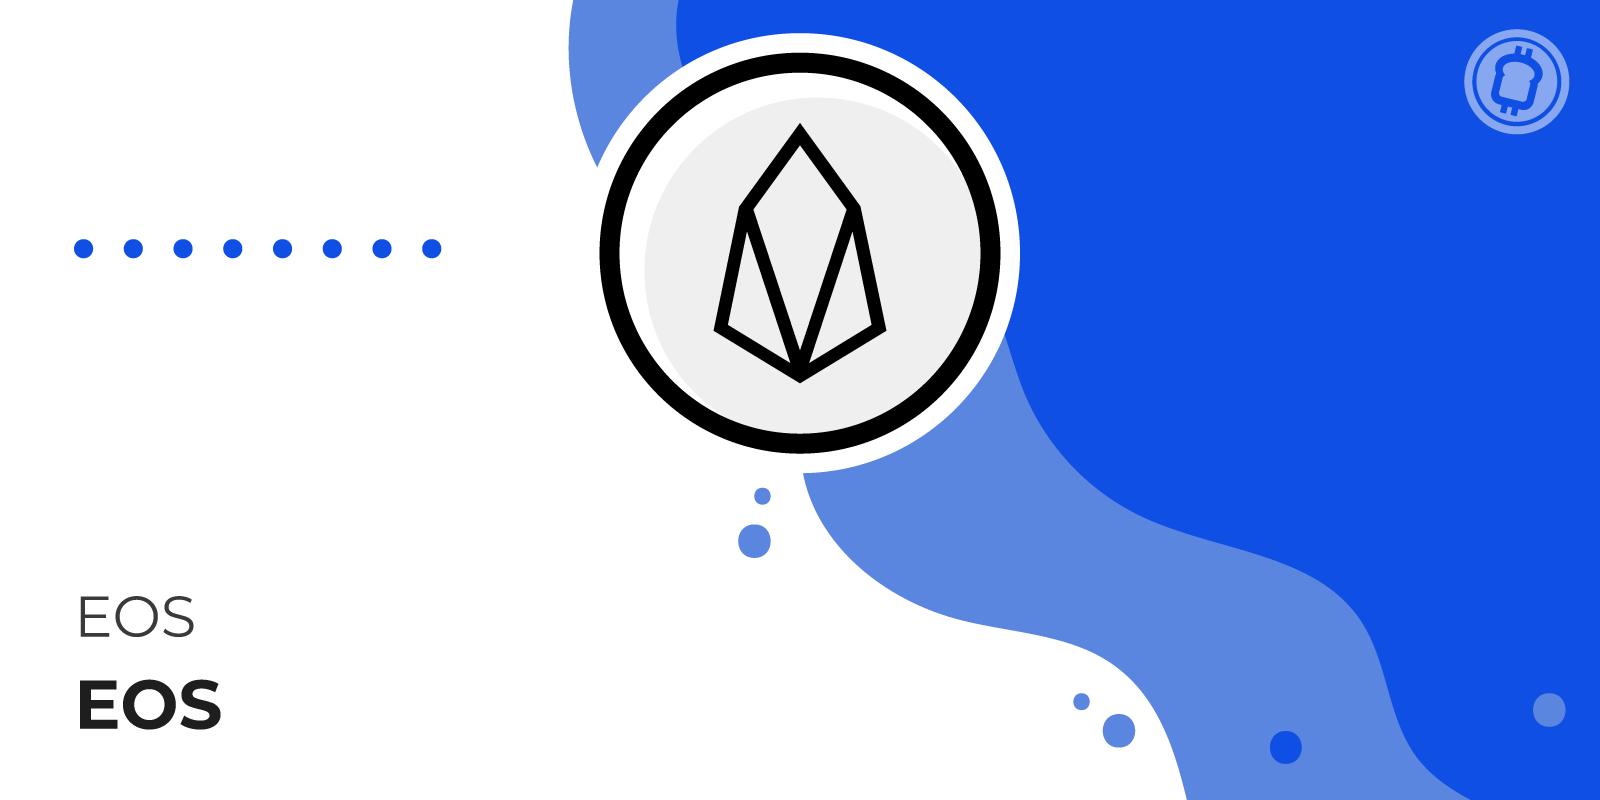 Qu'est-ce que la crypto-monnaie EOS ?